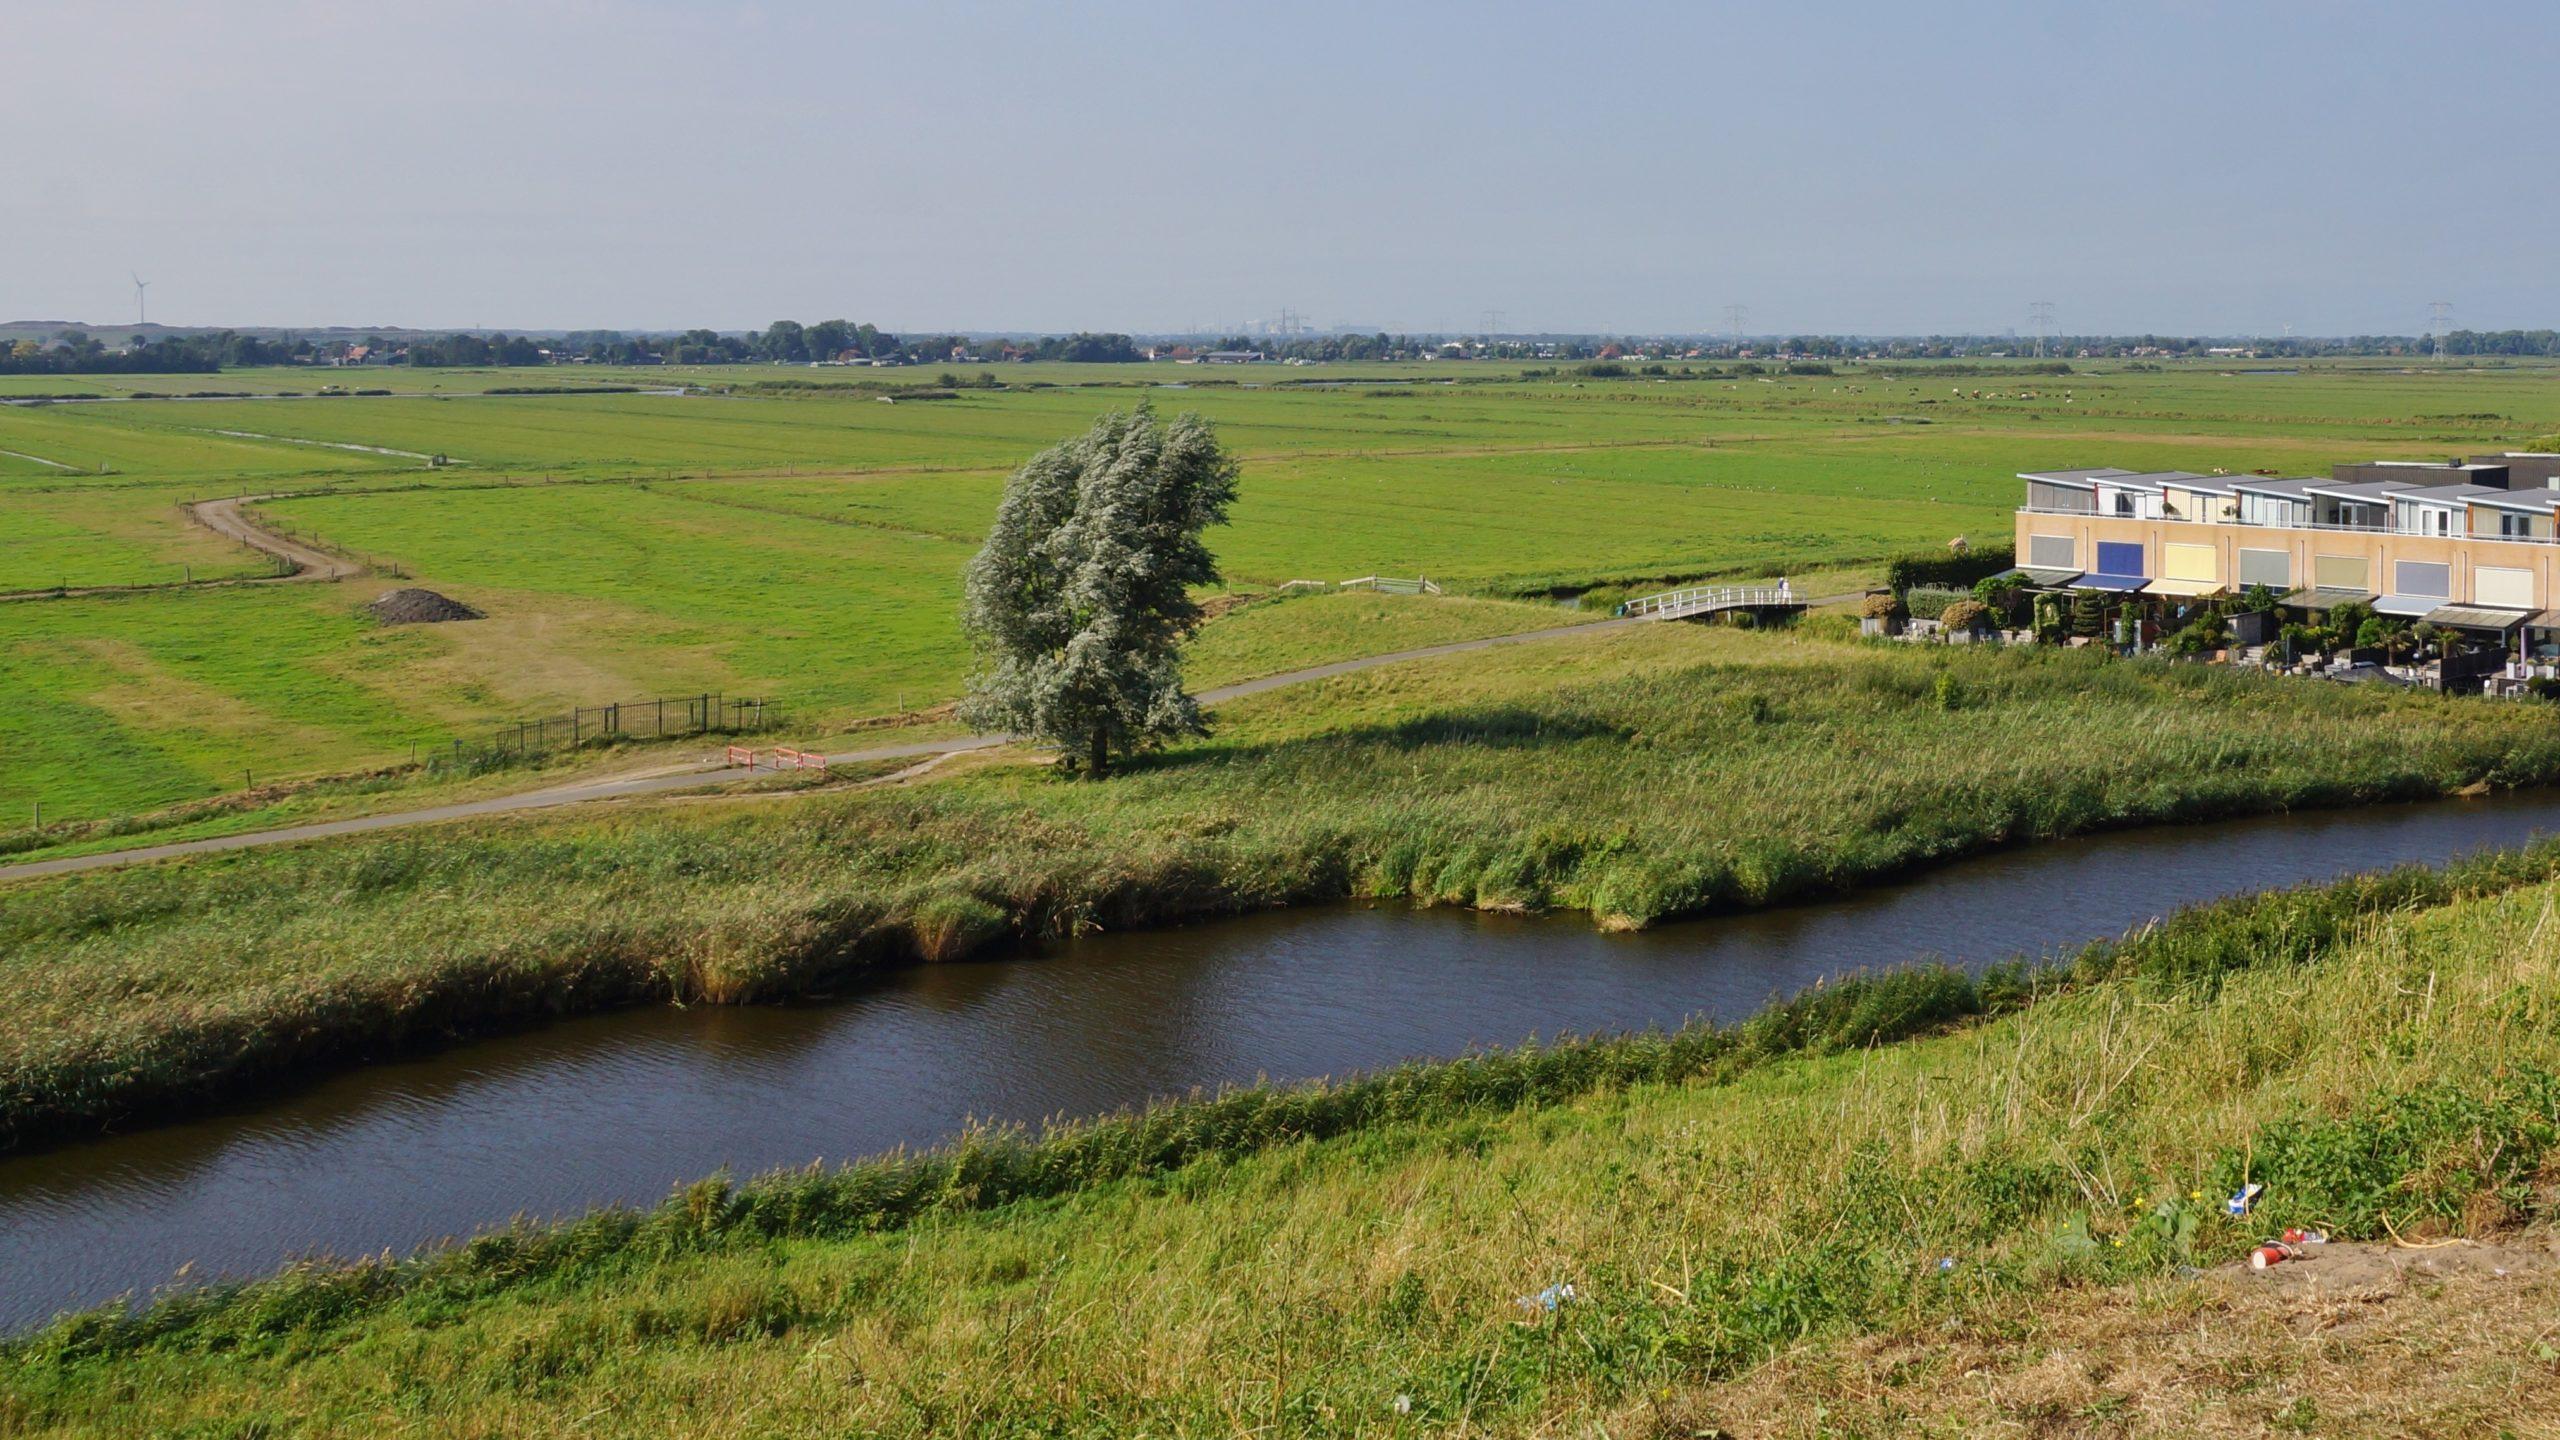 Verslag bijeenkomst over 'de toekomst van het Zaanse landschap in de Metropoolregio Amsterdam'